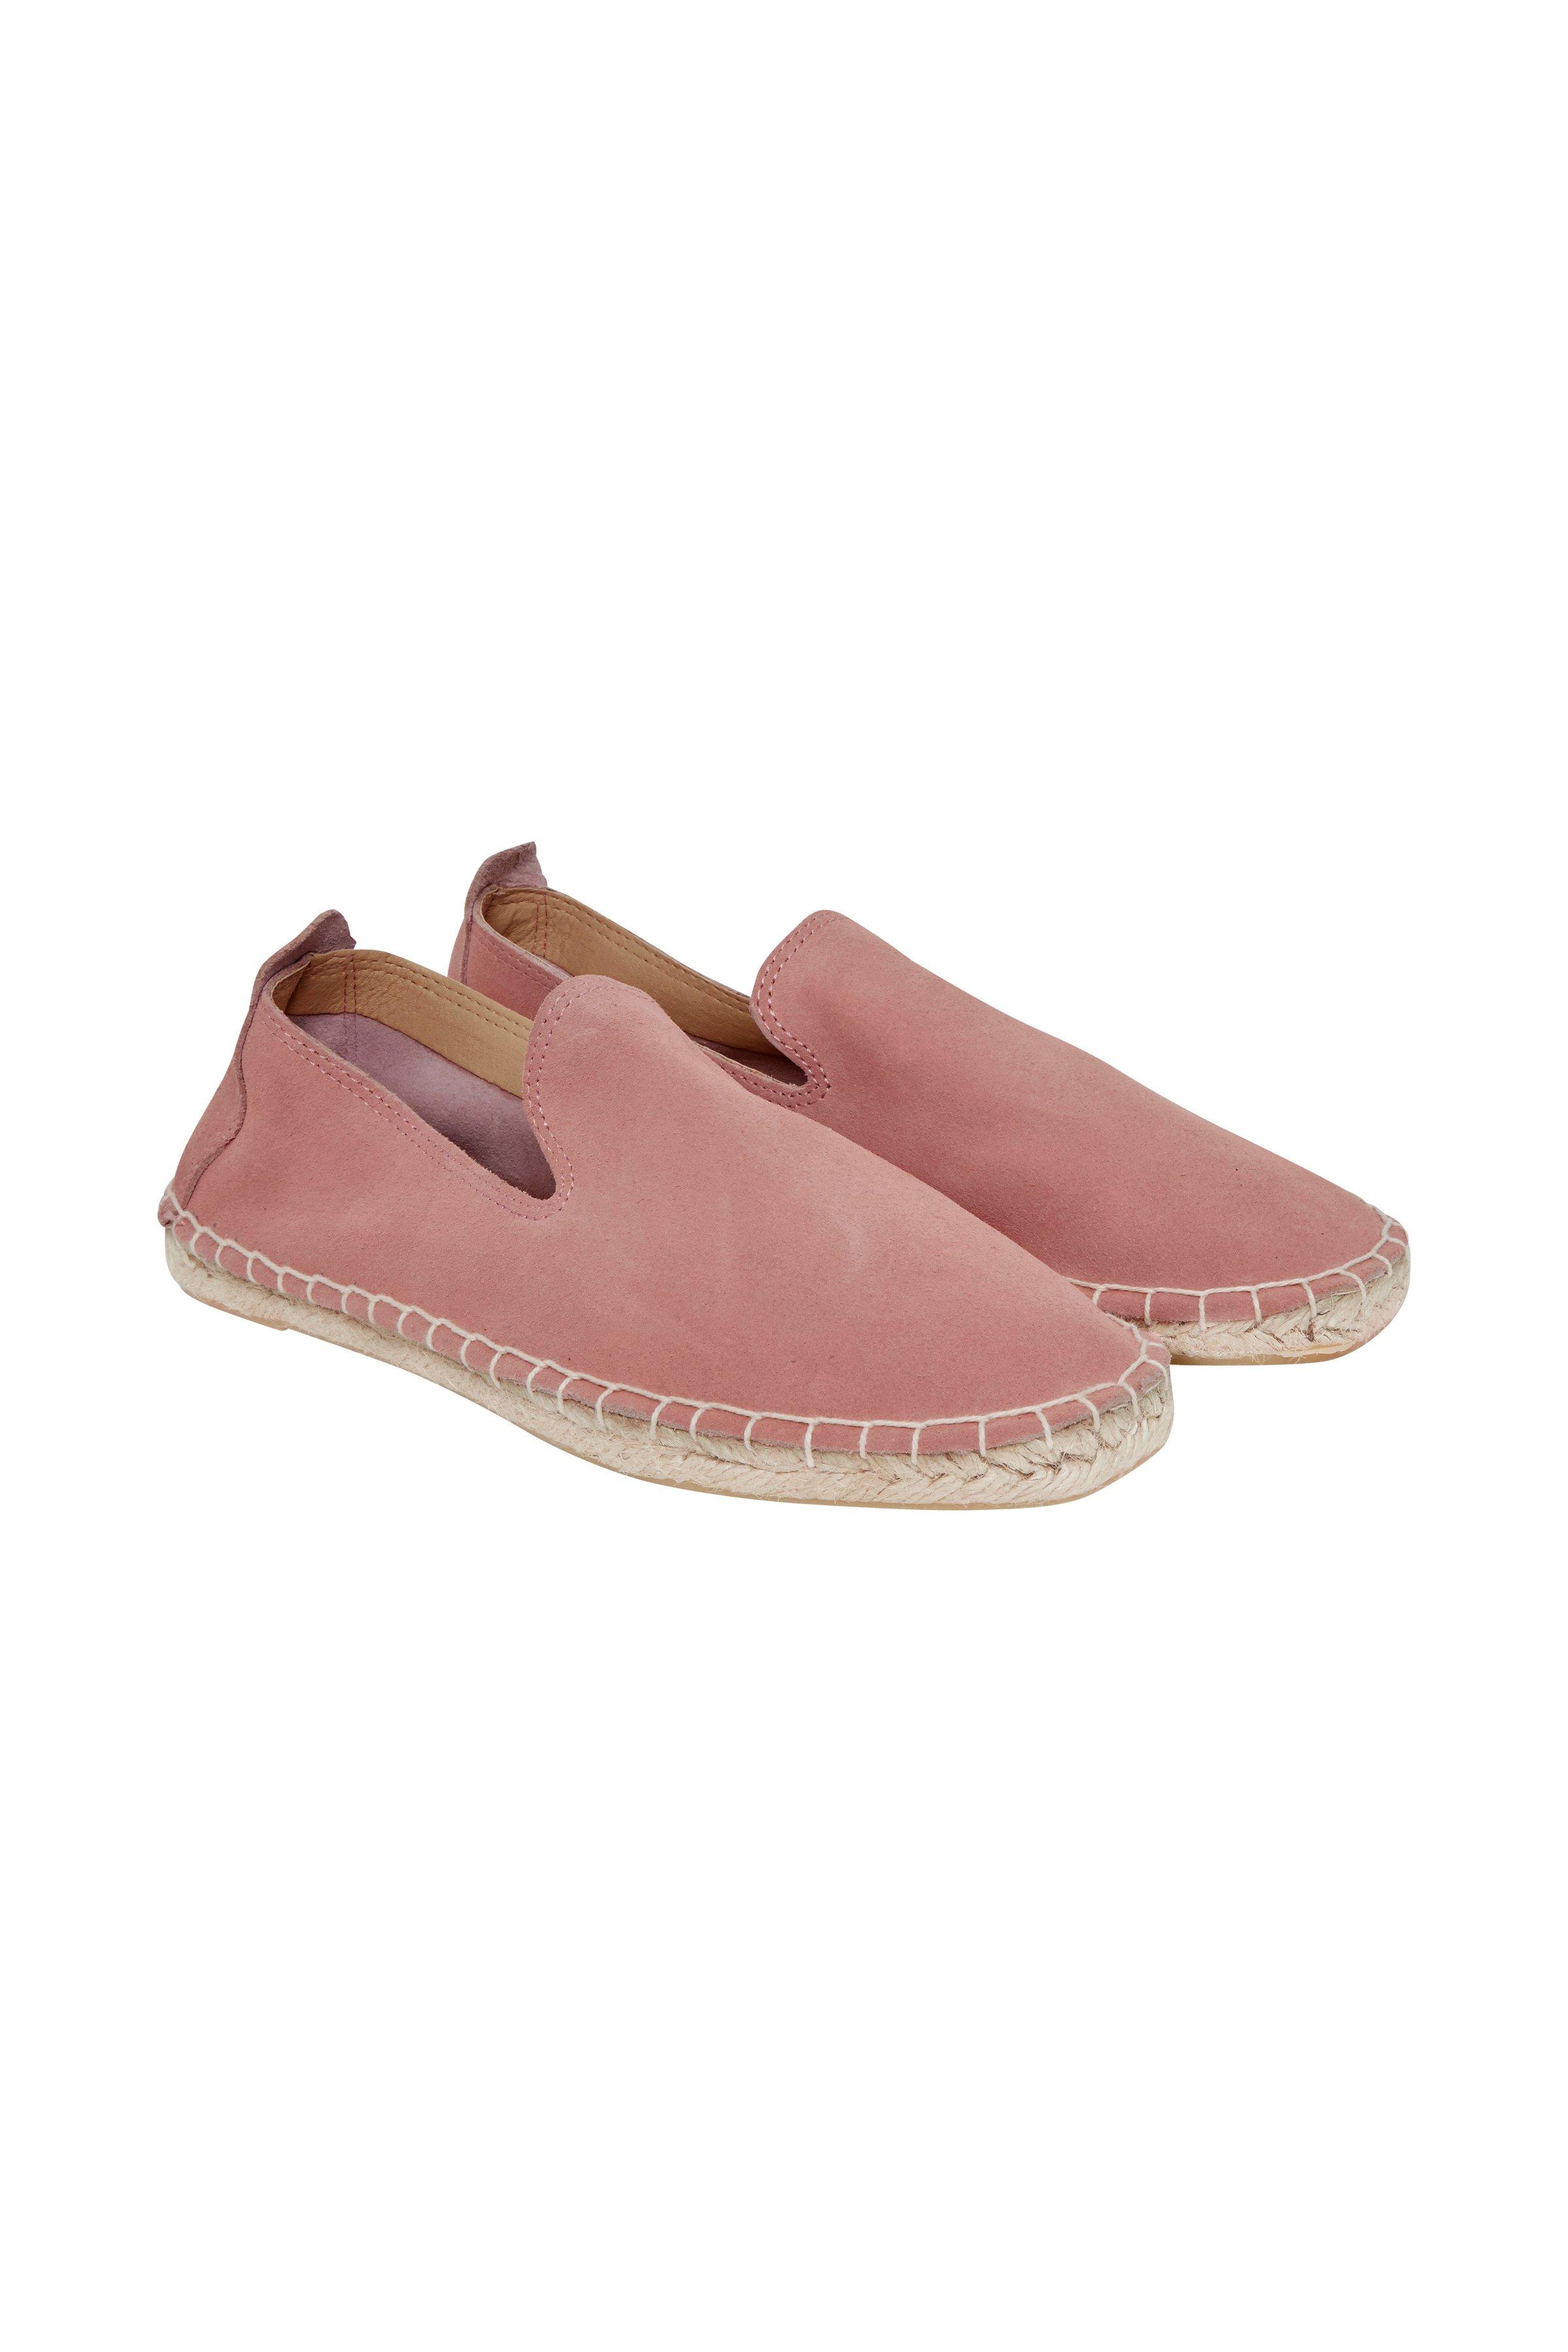 Antikes rosa Schuh von Ichi - accessories – Shoppen Sie Antikes rosa Schuh ab Gr. 36-42 hier